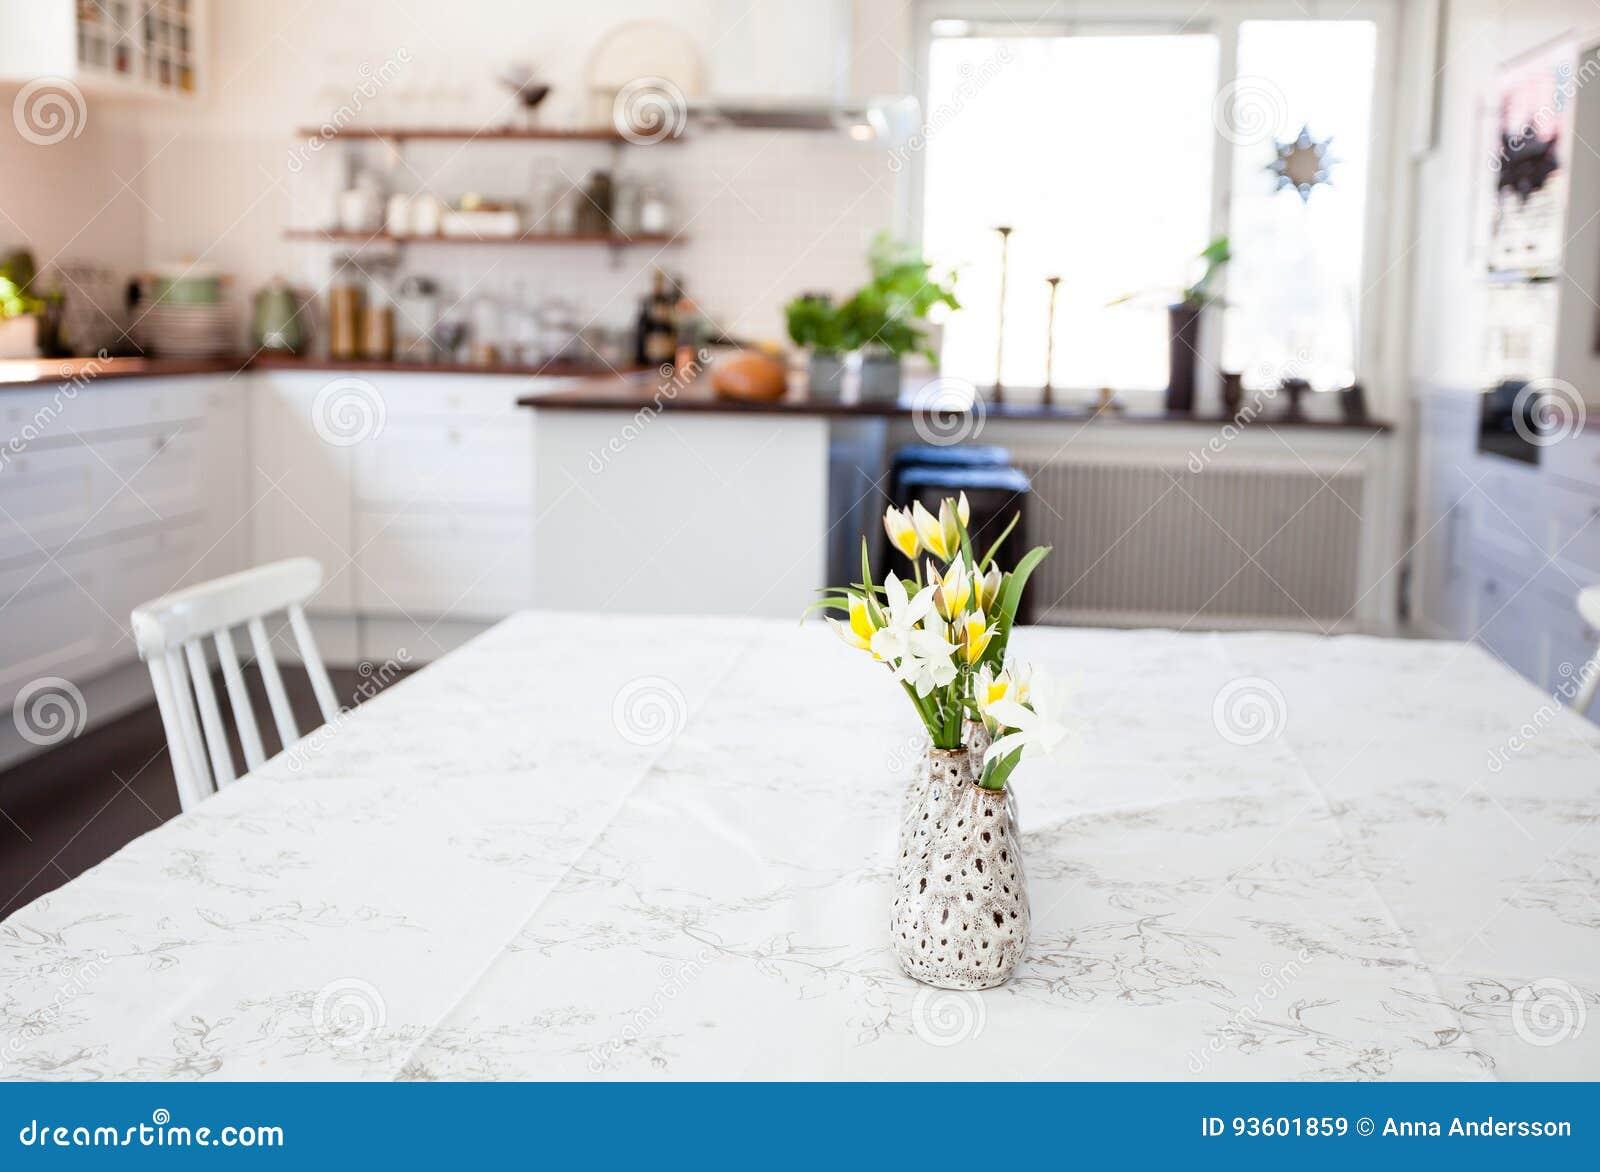 Flores en la tabla en la cocina del primero plano borrosa en el fondo